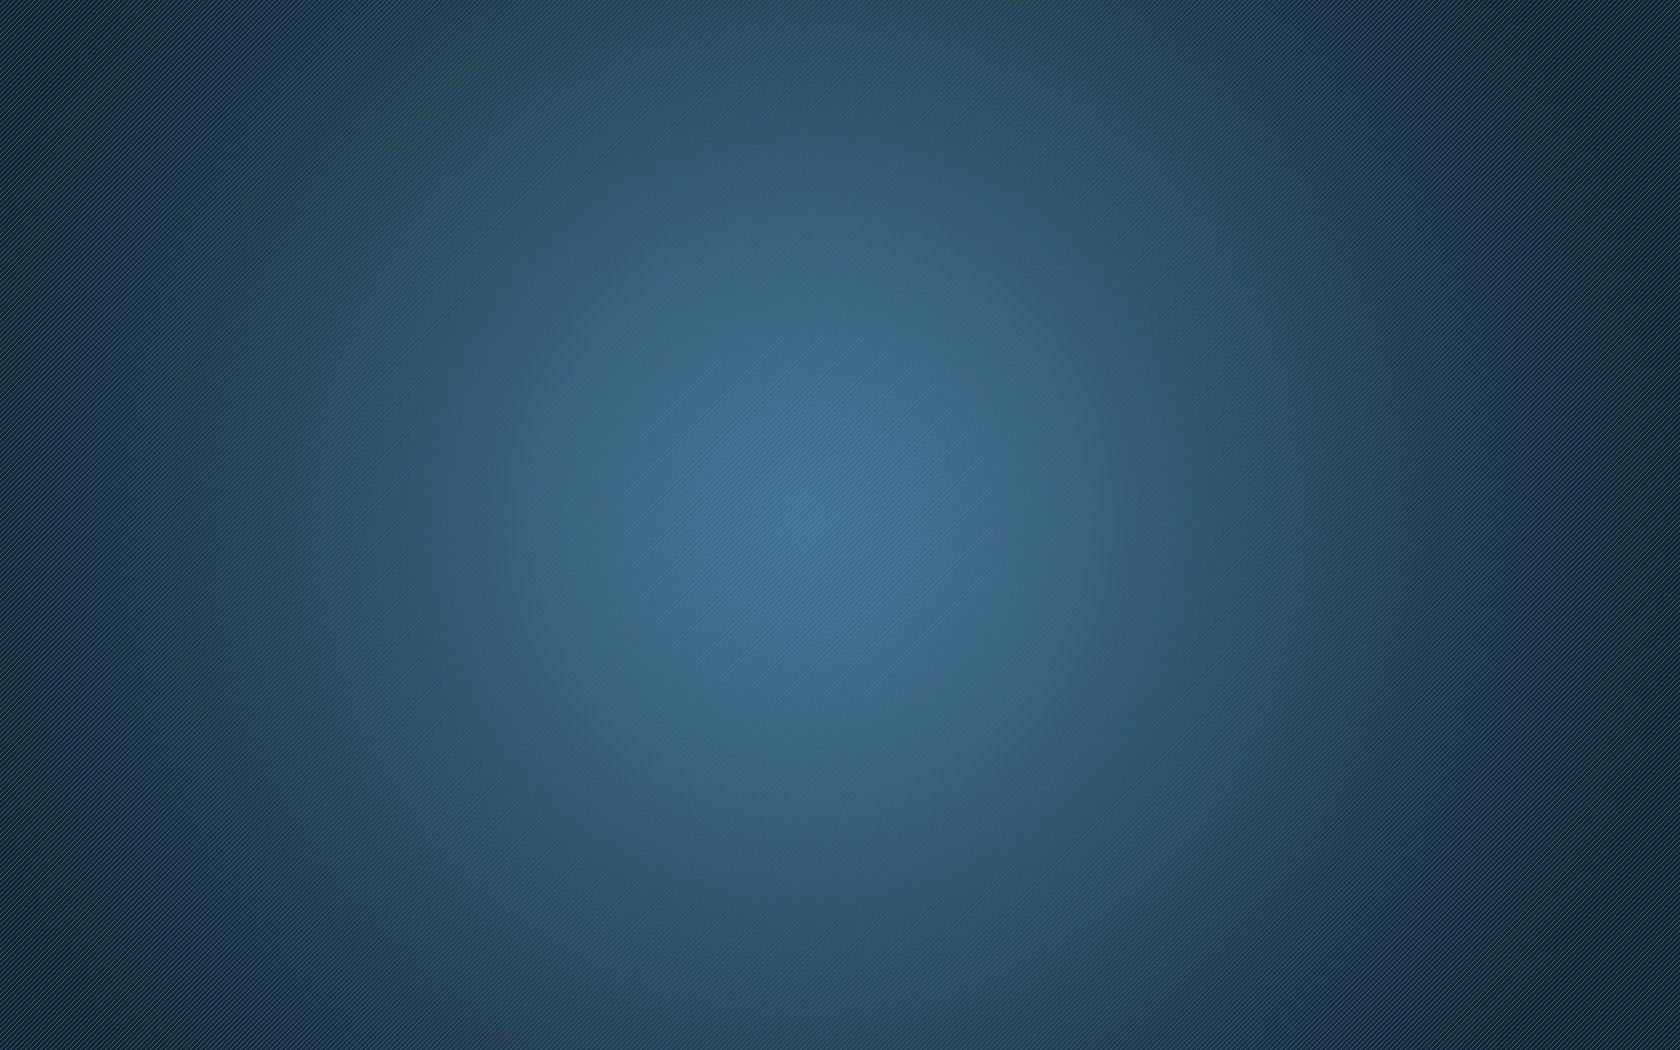 minimalist wallpaper blue 1680x1050